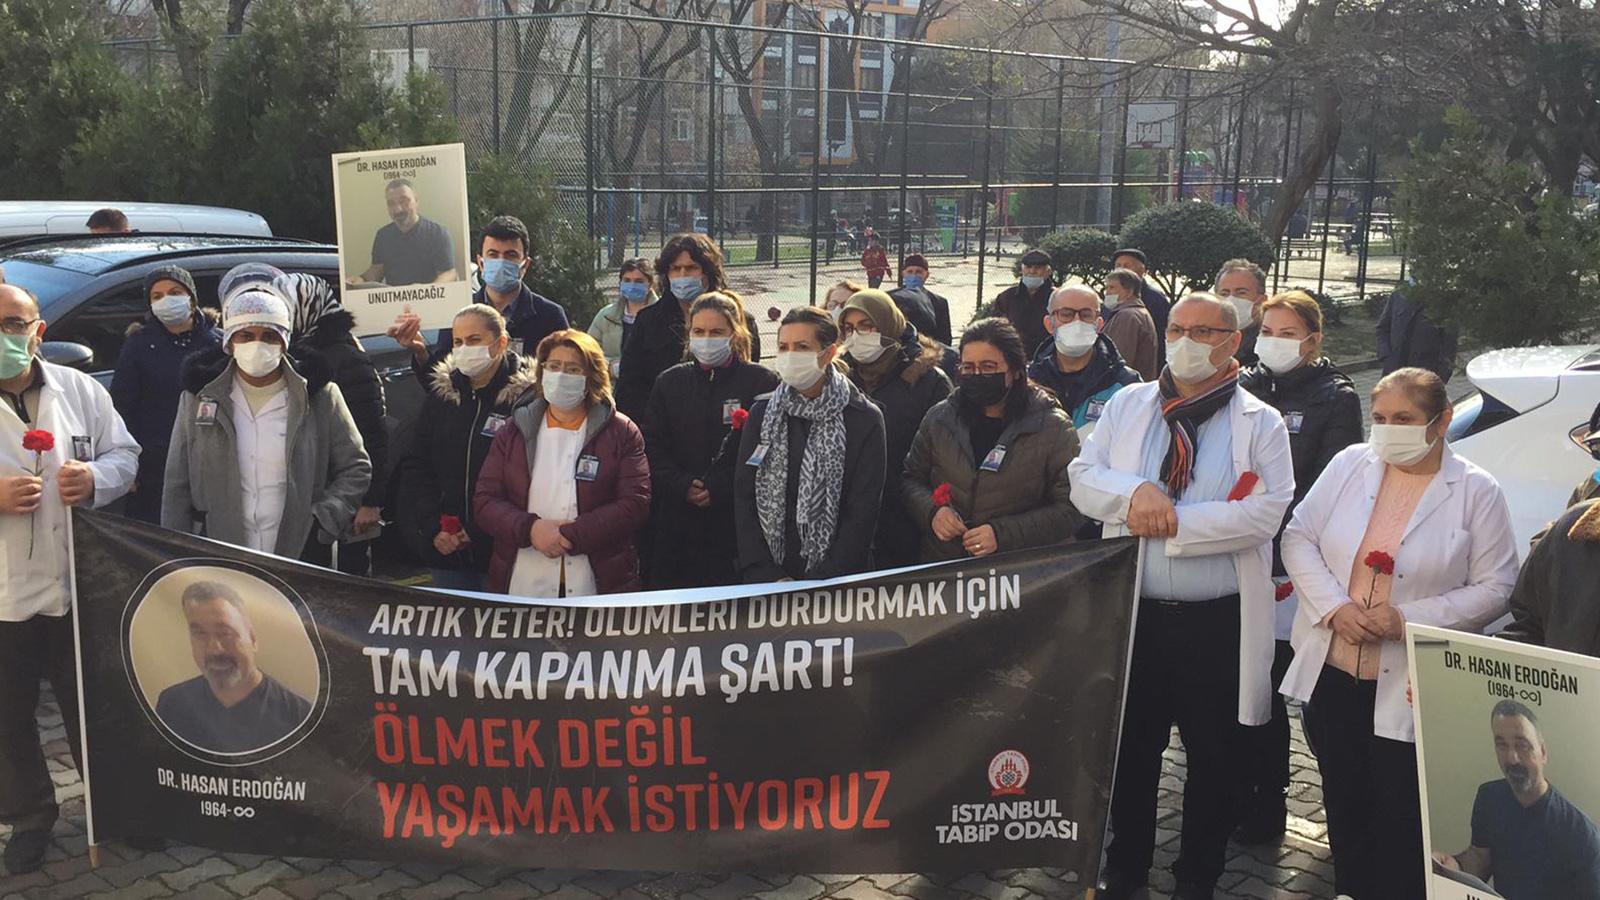 COVID-19 Sebebiyle Yitirdiğimiz Dr. Hasan Erdoğan İçin Saygı Duruşu